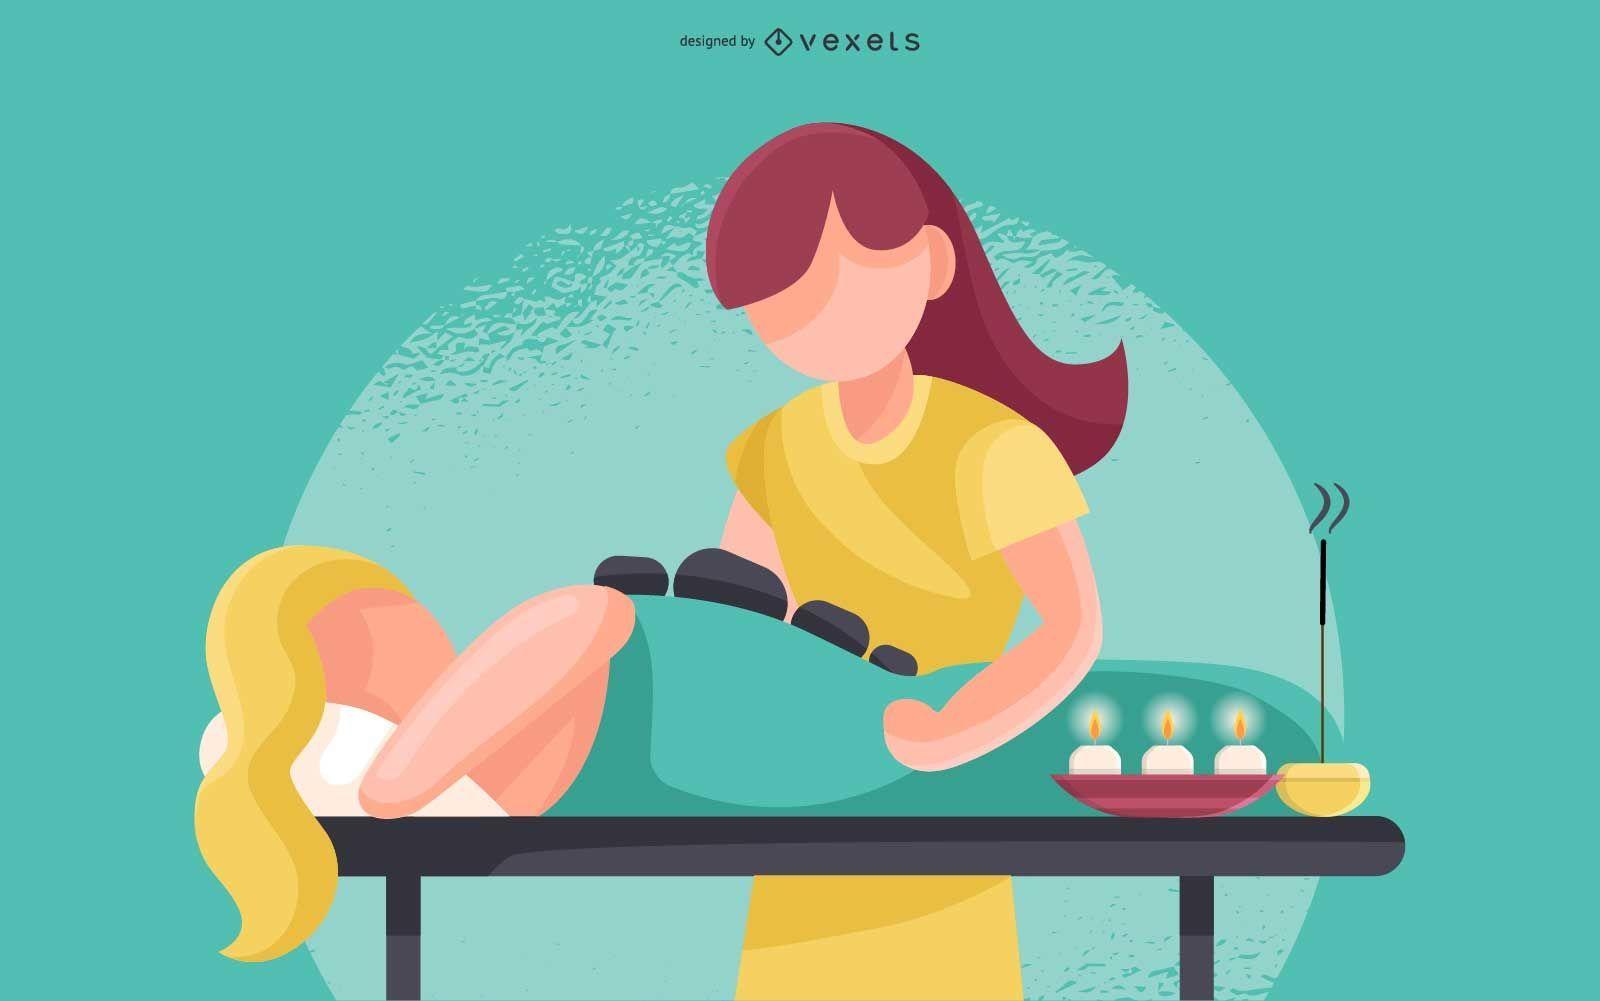 Hot Stone Massage Illustration